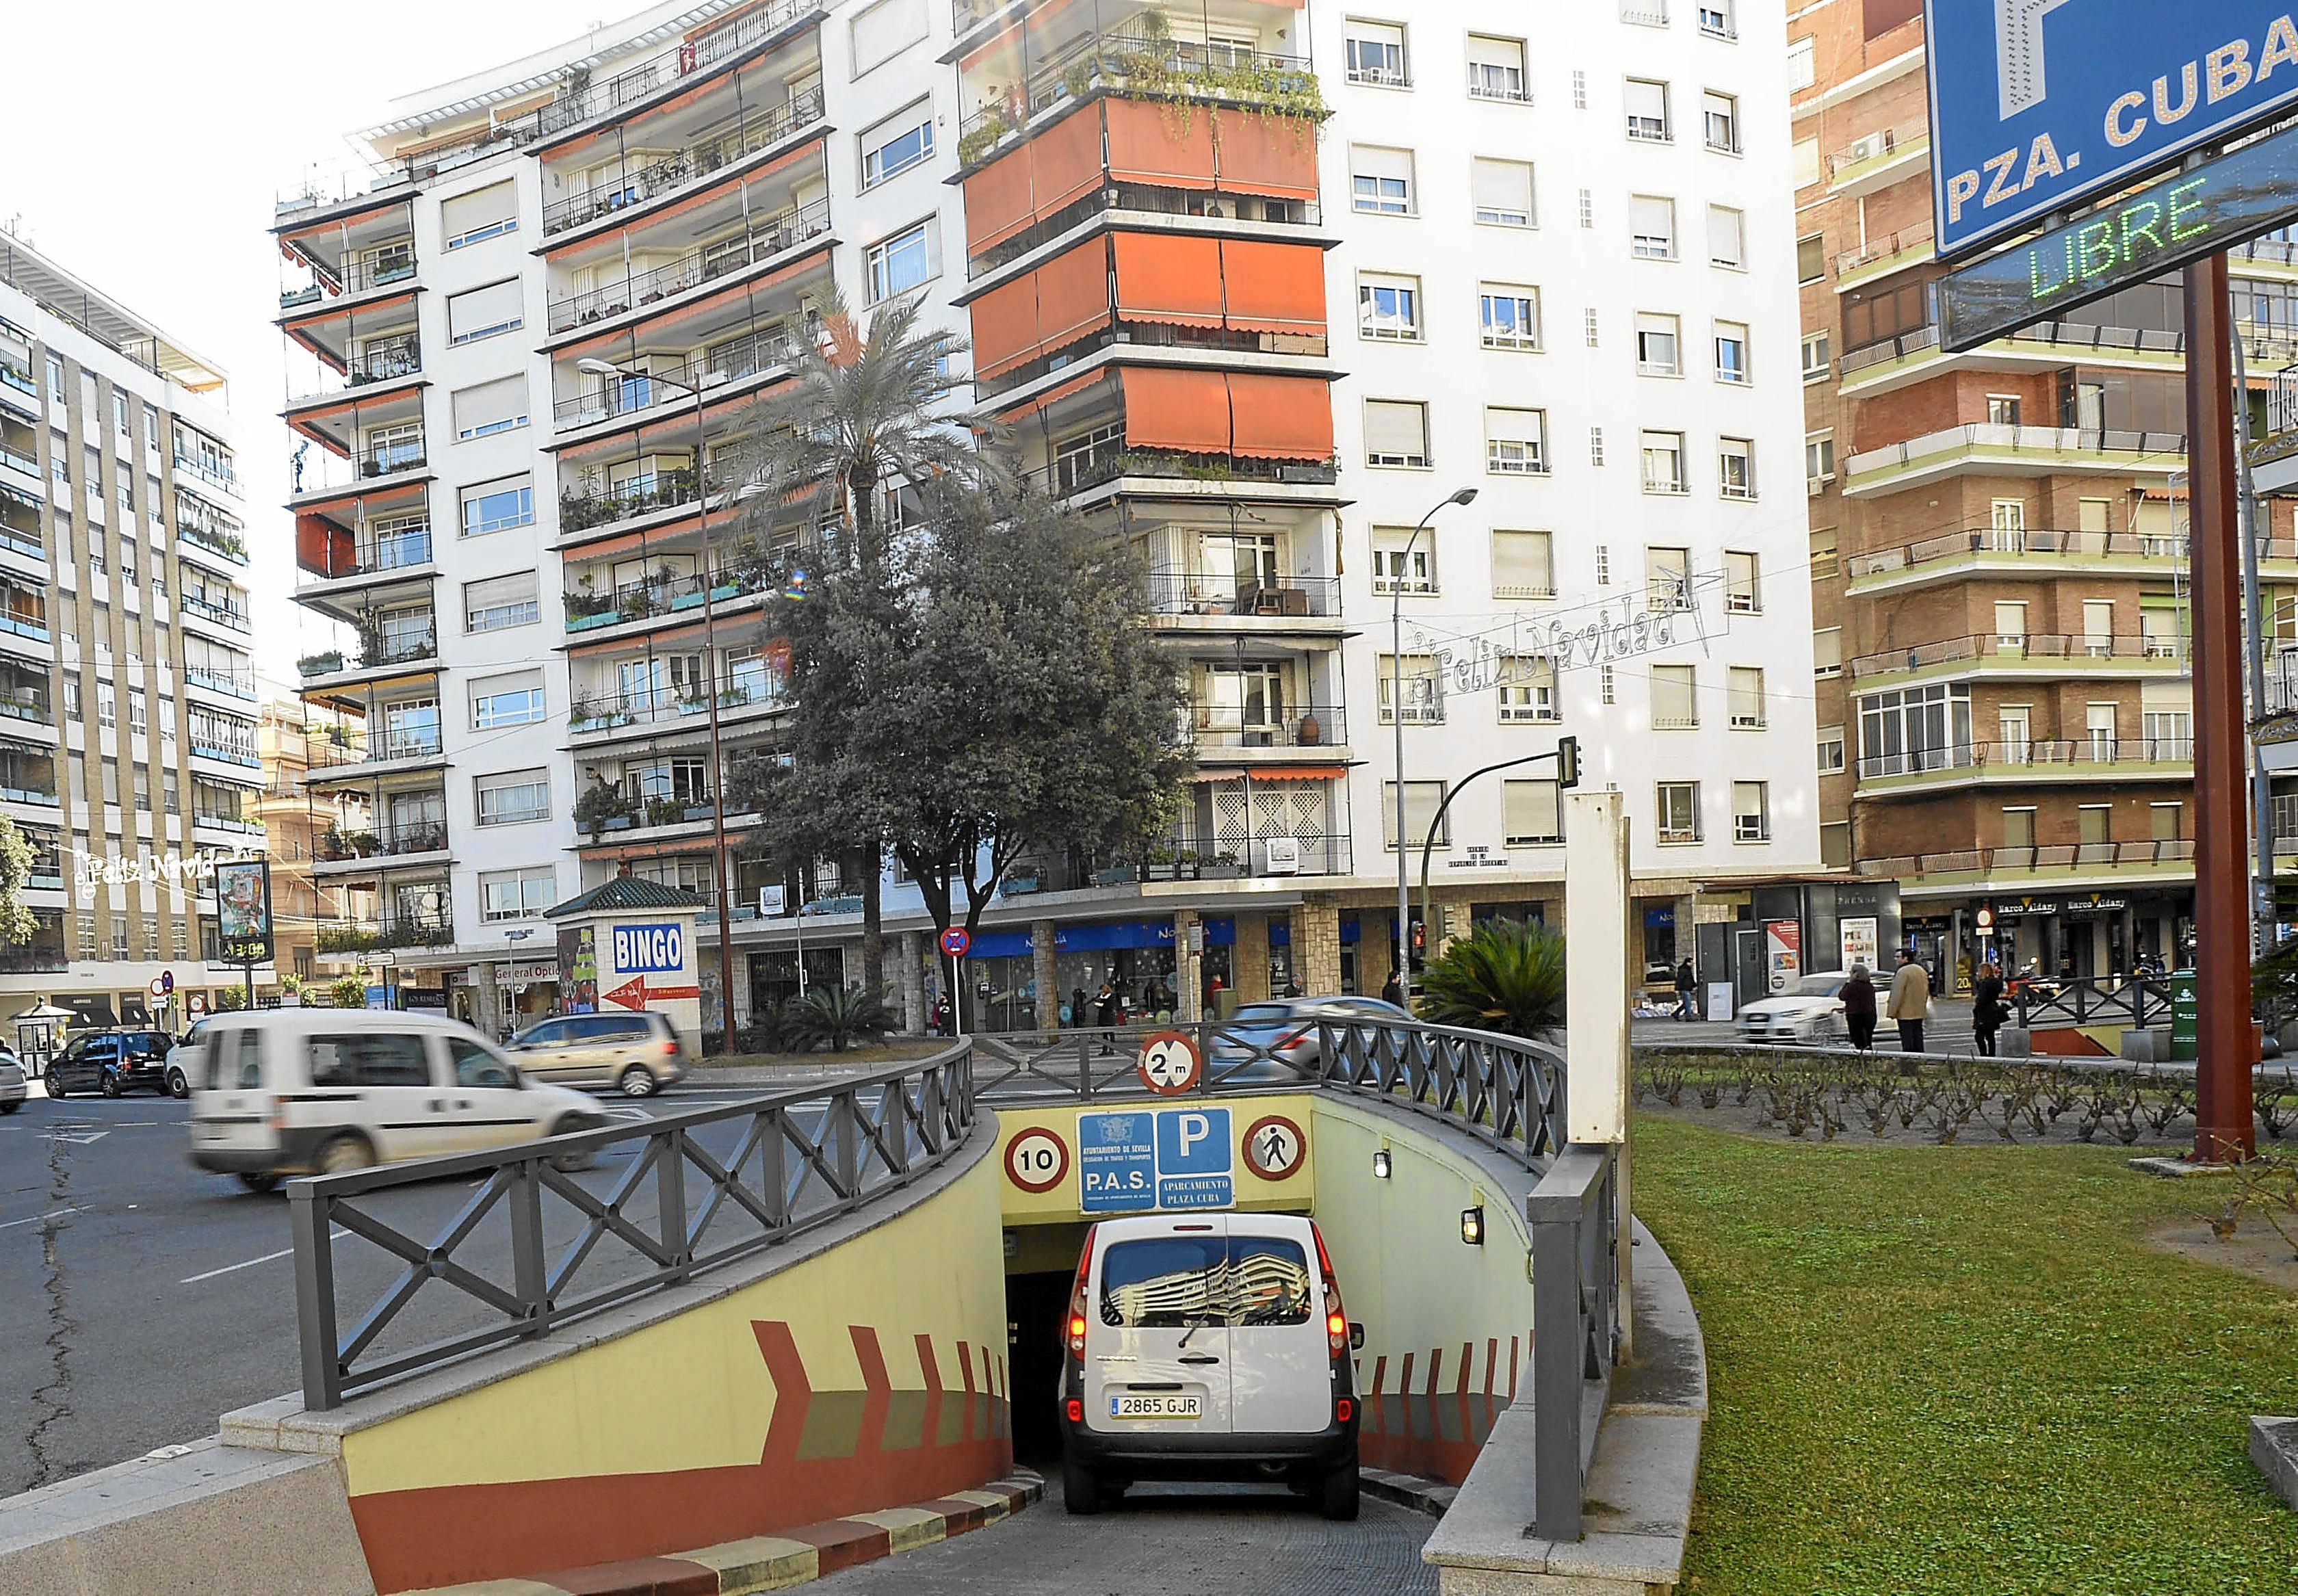 Aparcamiento subterráneo gestionado por la empresa Martín Casillas en la Plaza de Cuba de Sevilla.